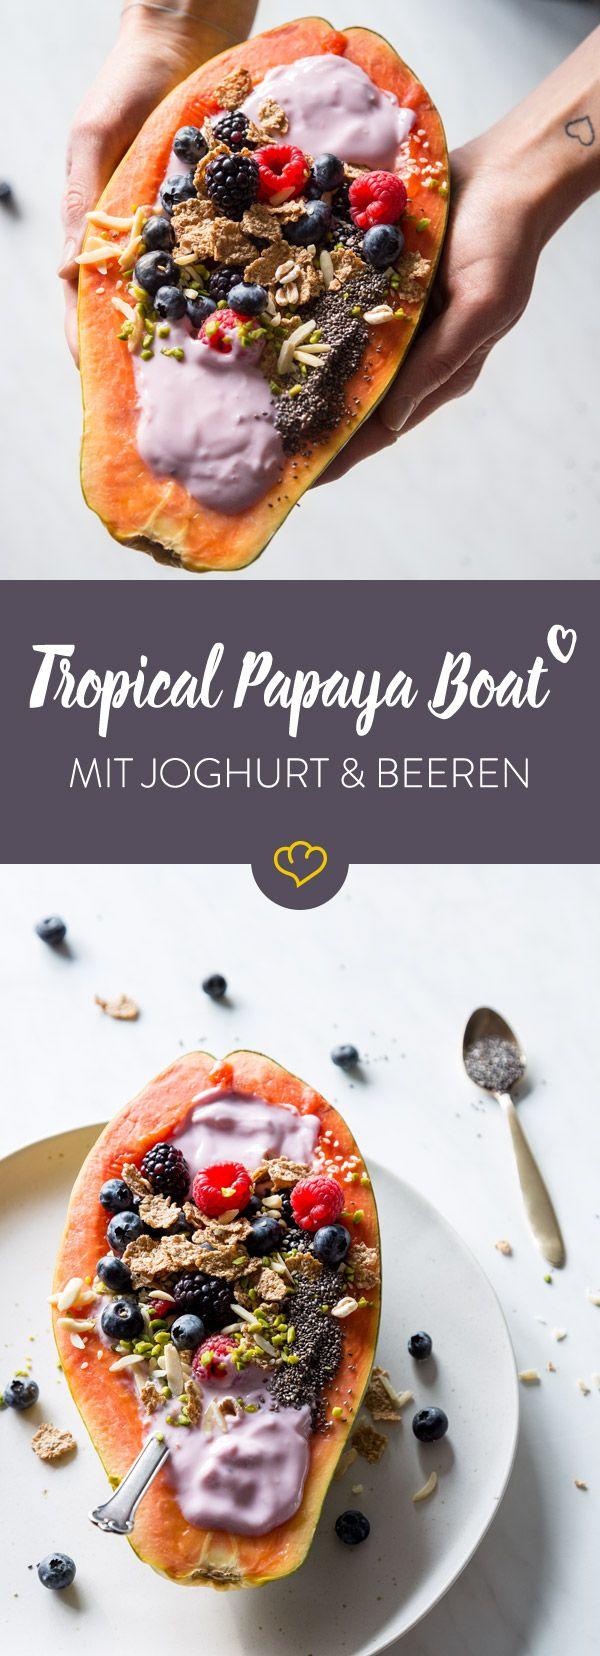 Dieses Tropical Papaya Boat mit Joghurt, Beeren und Nüssen schmeckt genauso toll wie es aussieht und ist dabei auch noch richtig gesund!